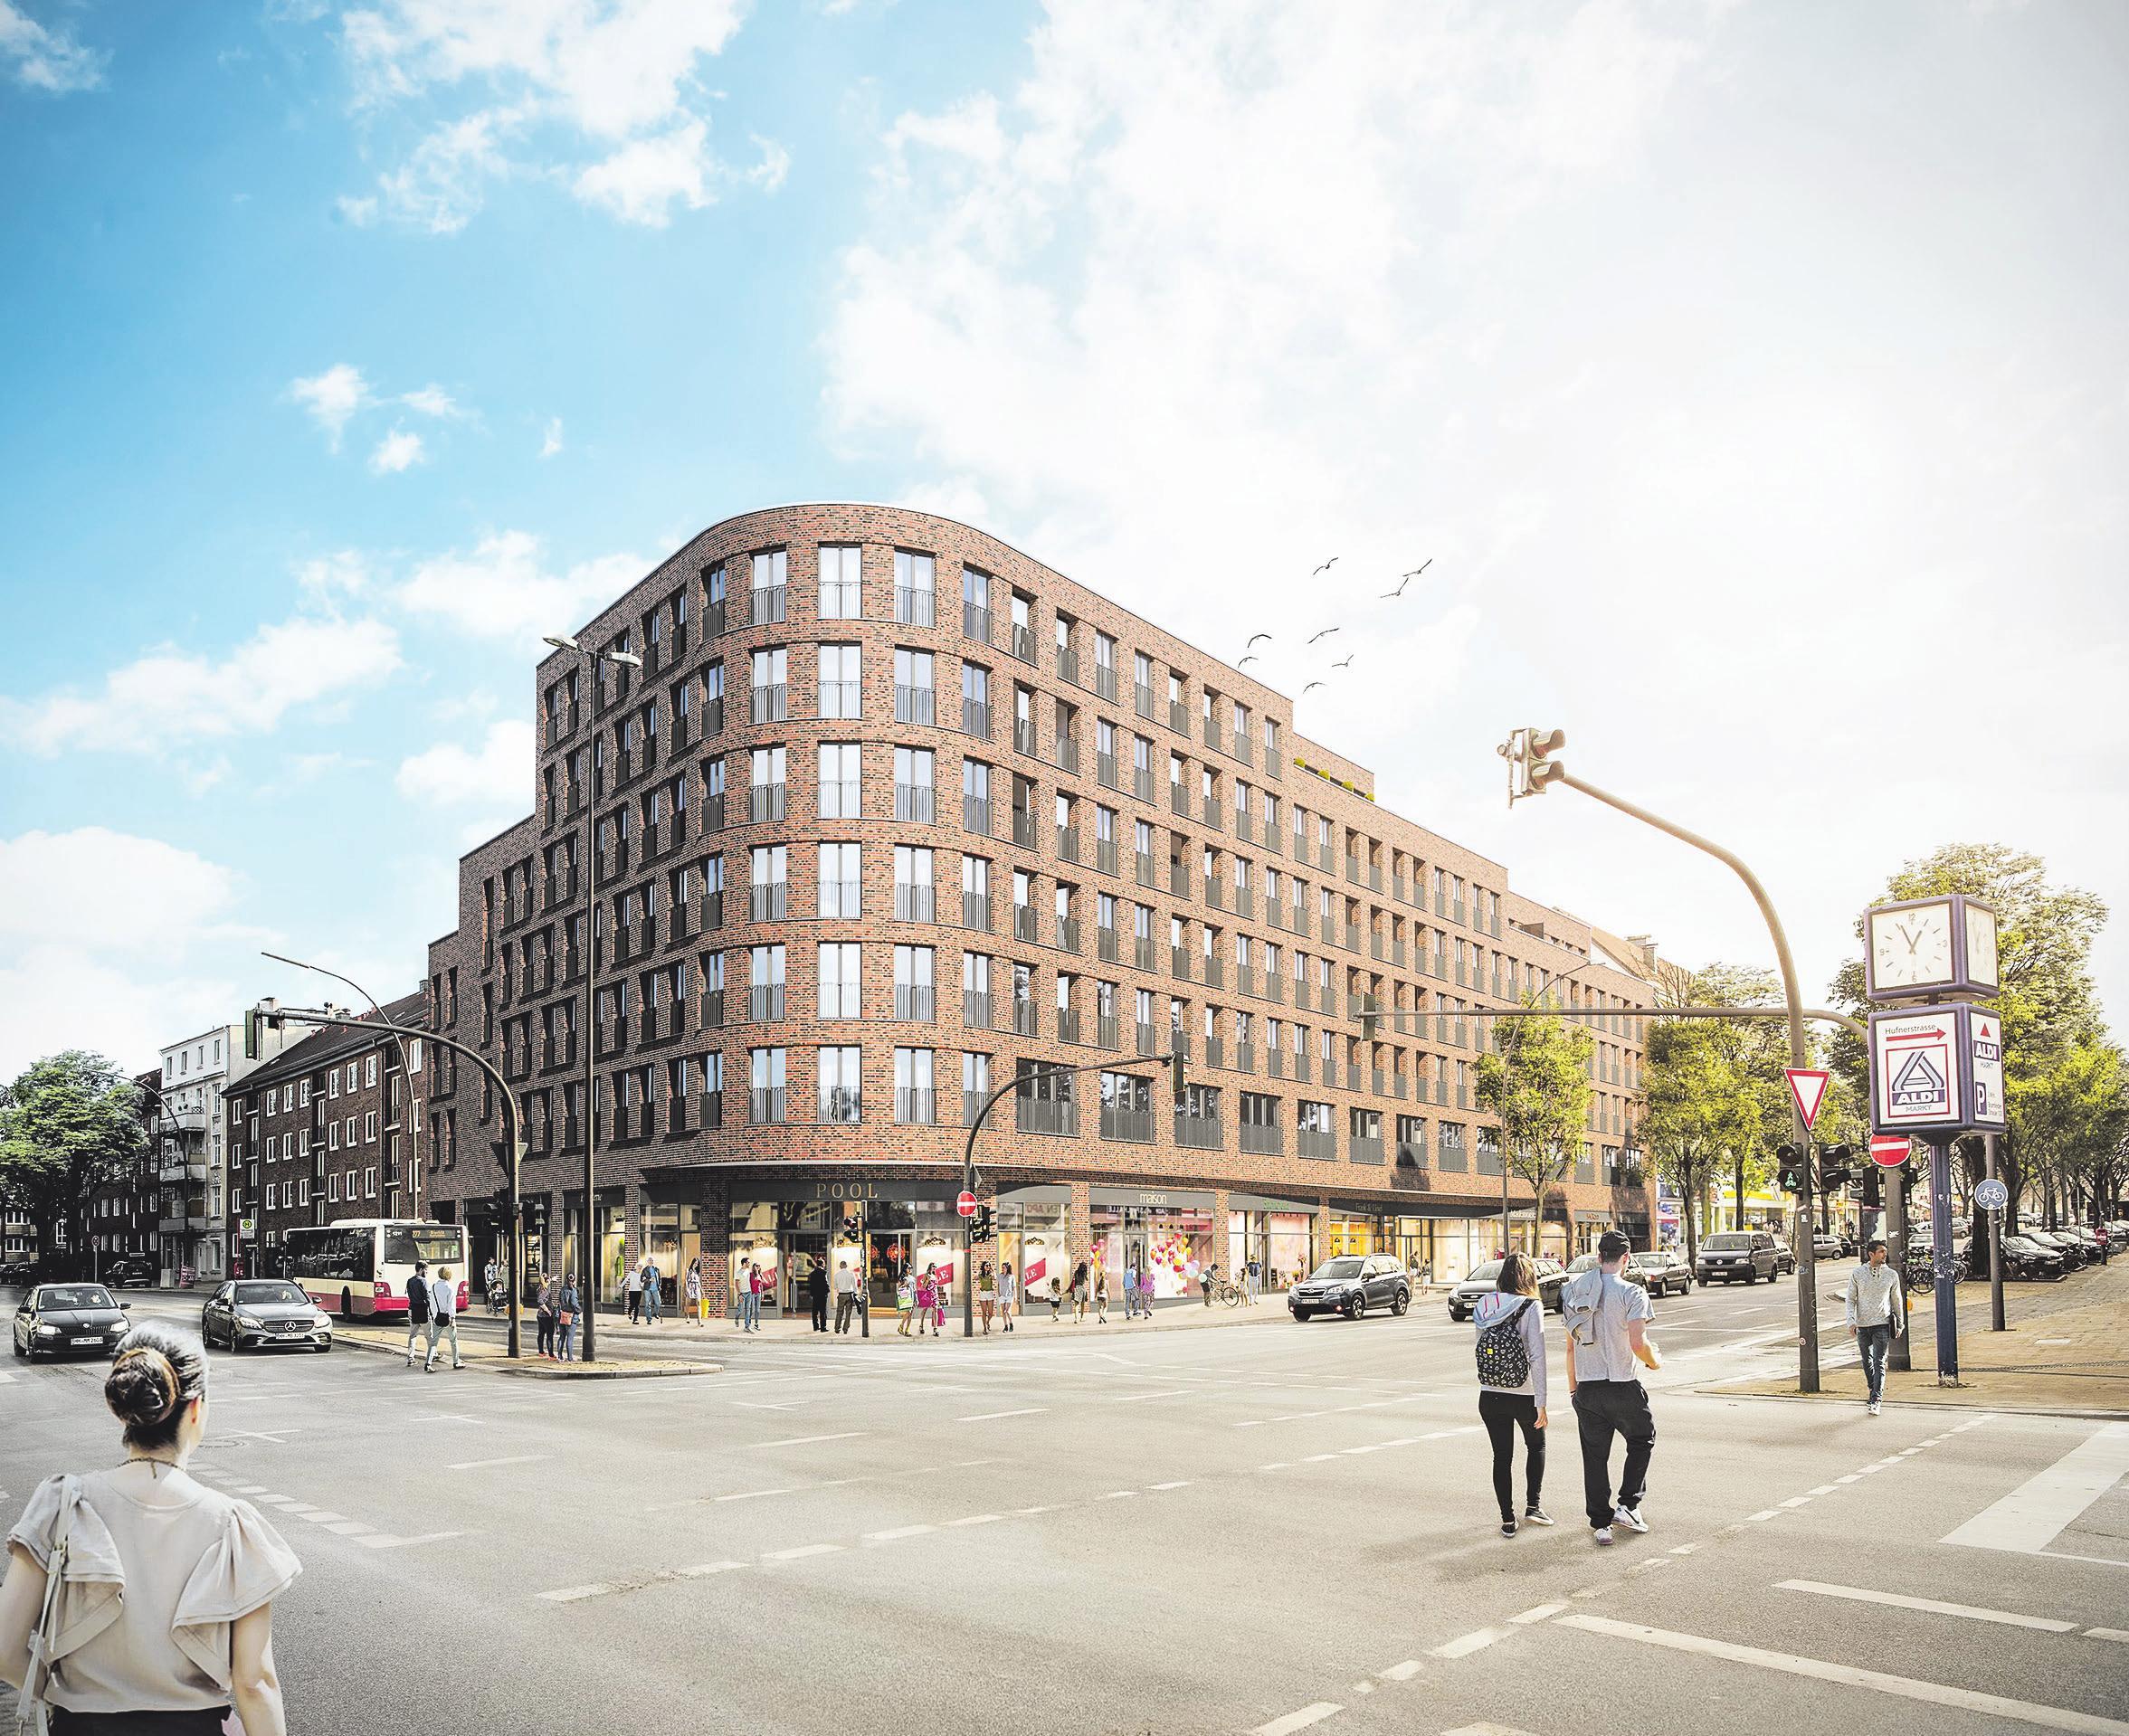 Der Barmbeker Bogen wird ein Shoppingund Freizeitangebot auf zwei Etagen, 48 Eigentumswohnungen und 32 Apartments beherbergen. Wer hier wohnt, hat kurze Wege